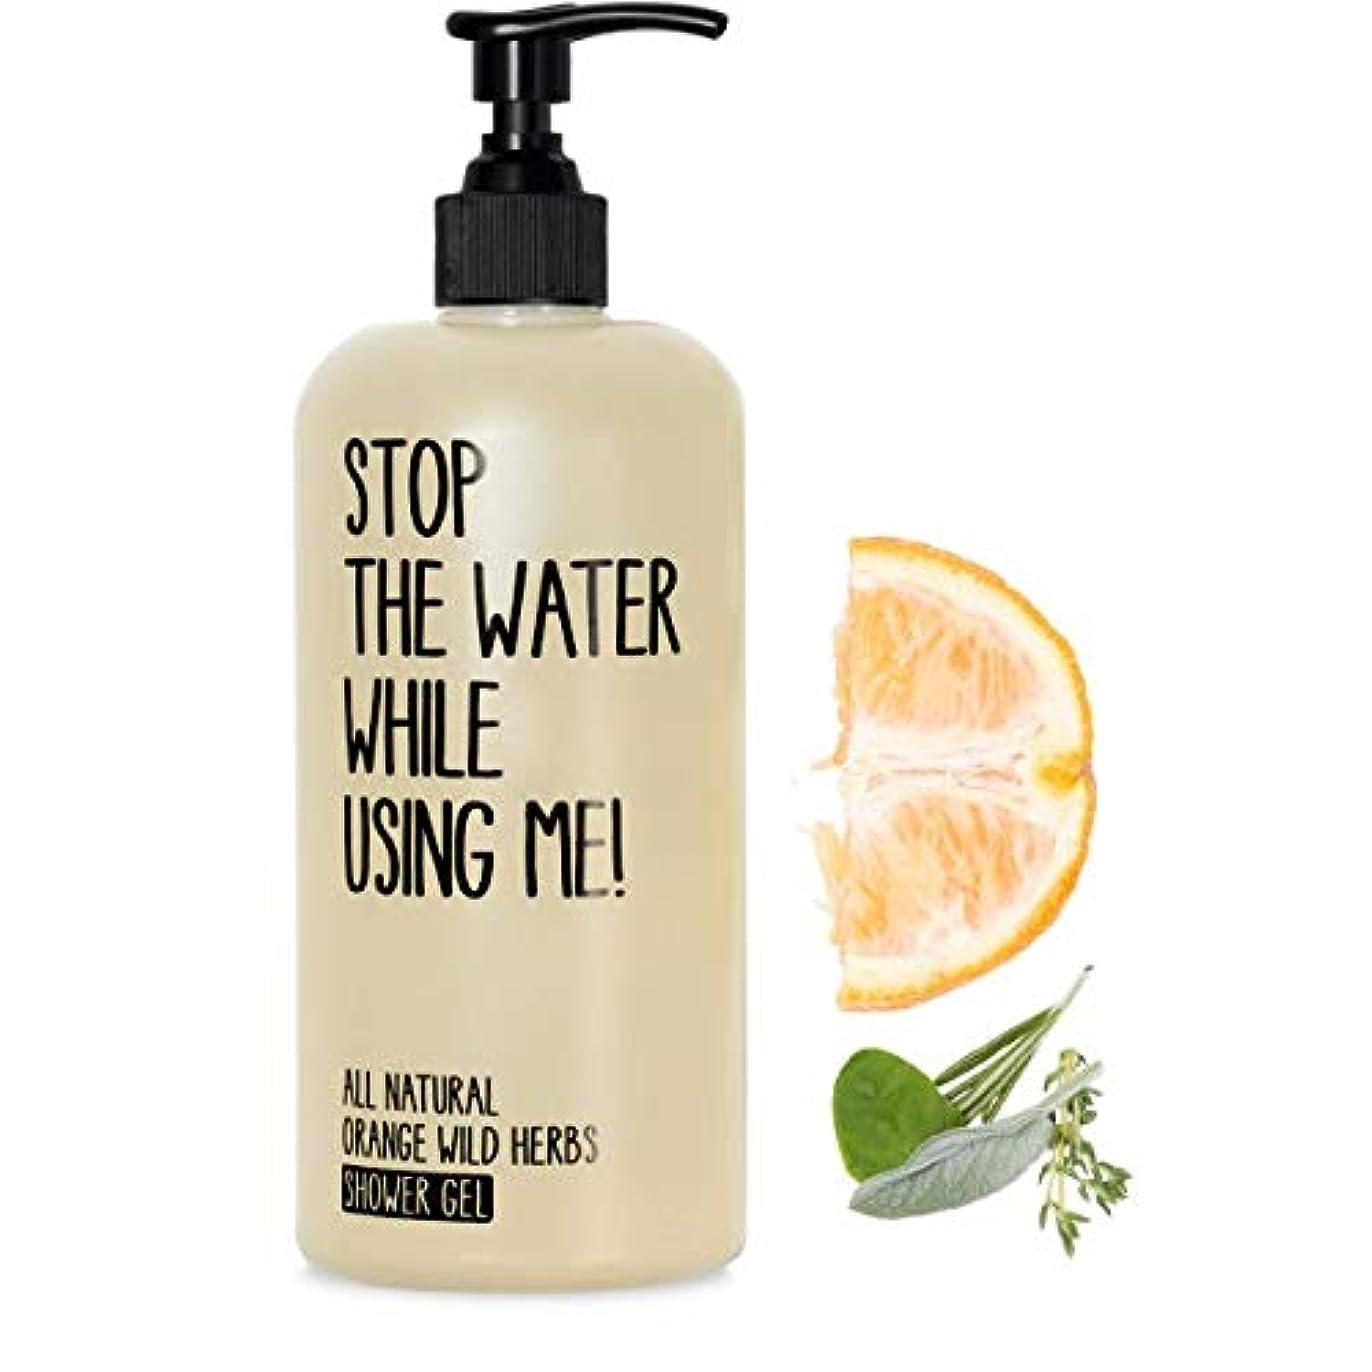 変える拮抗淡い【STOP THE WATER WHILE USING ME!】 O&WHシャワージェル(オレンジ&ワイルドハーブ) 200ml